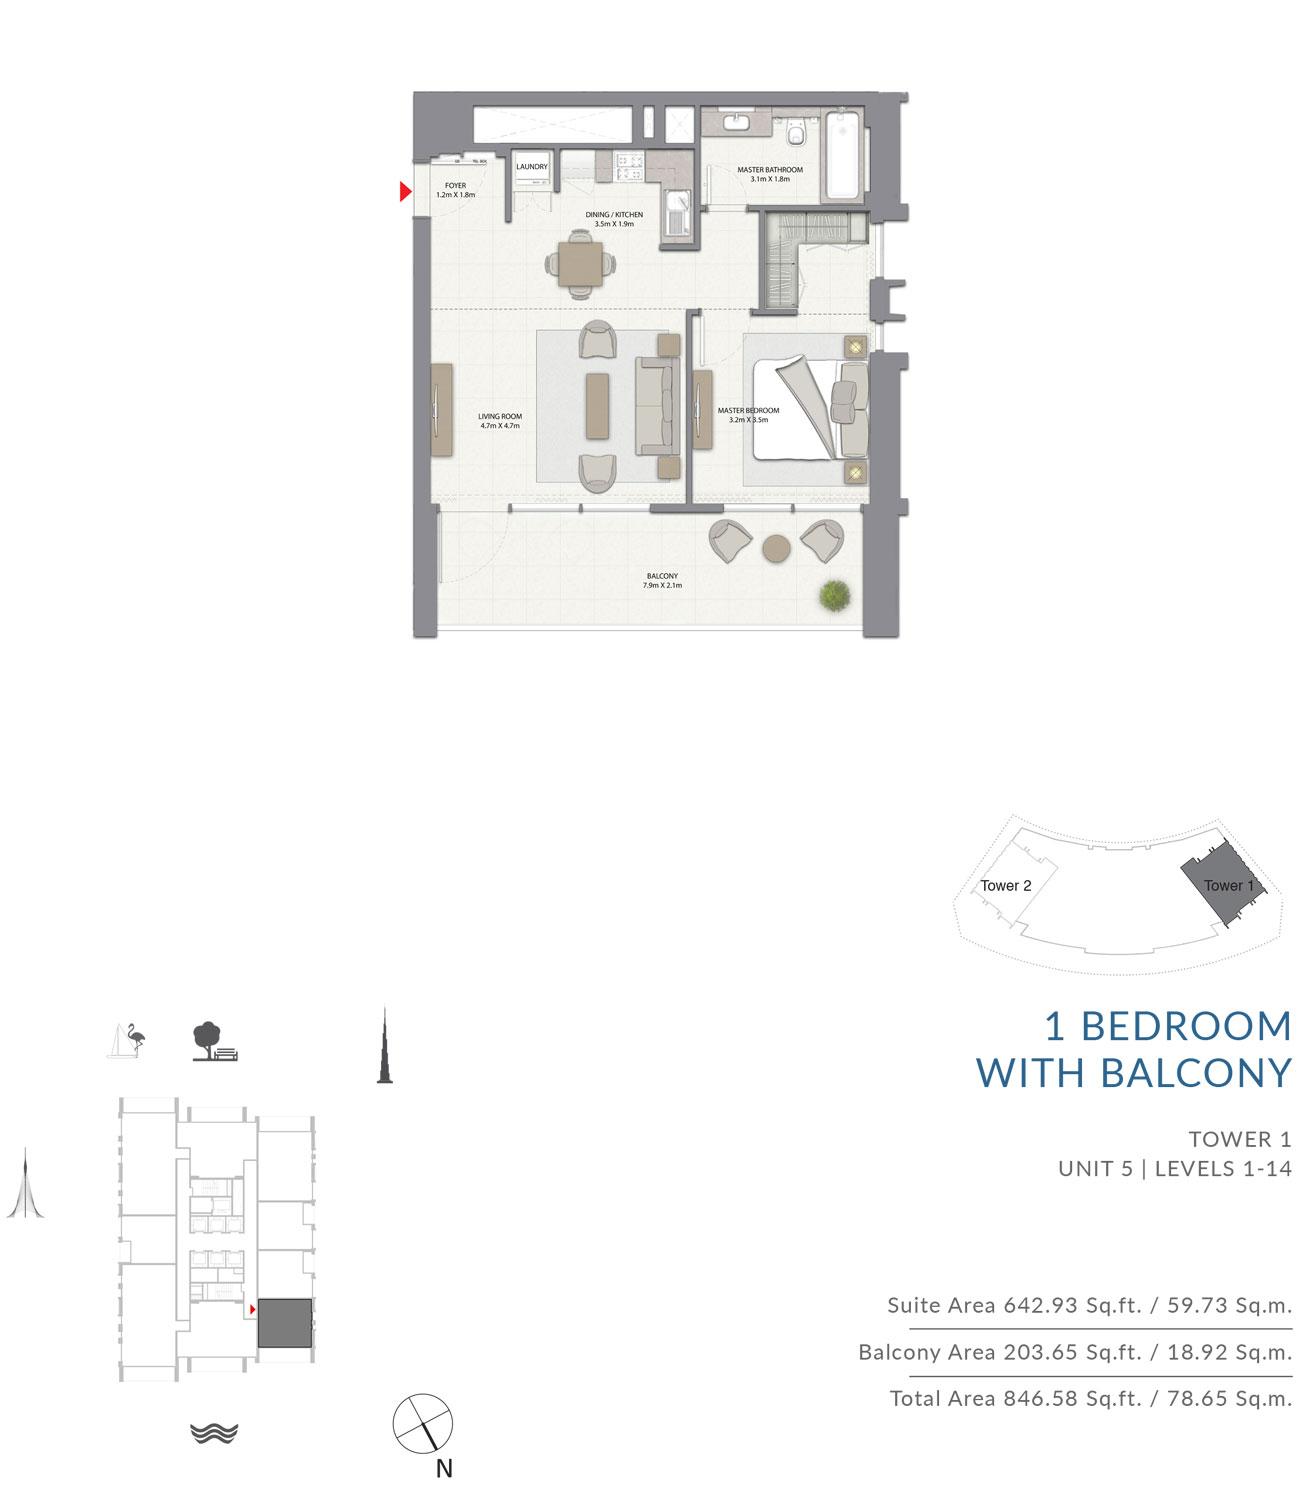 1 Bedroom Tower 1